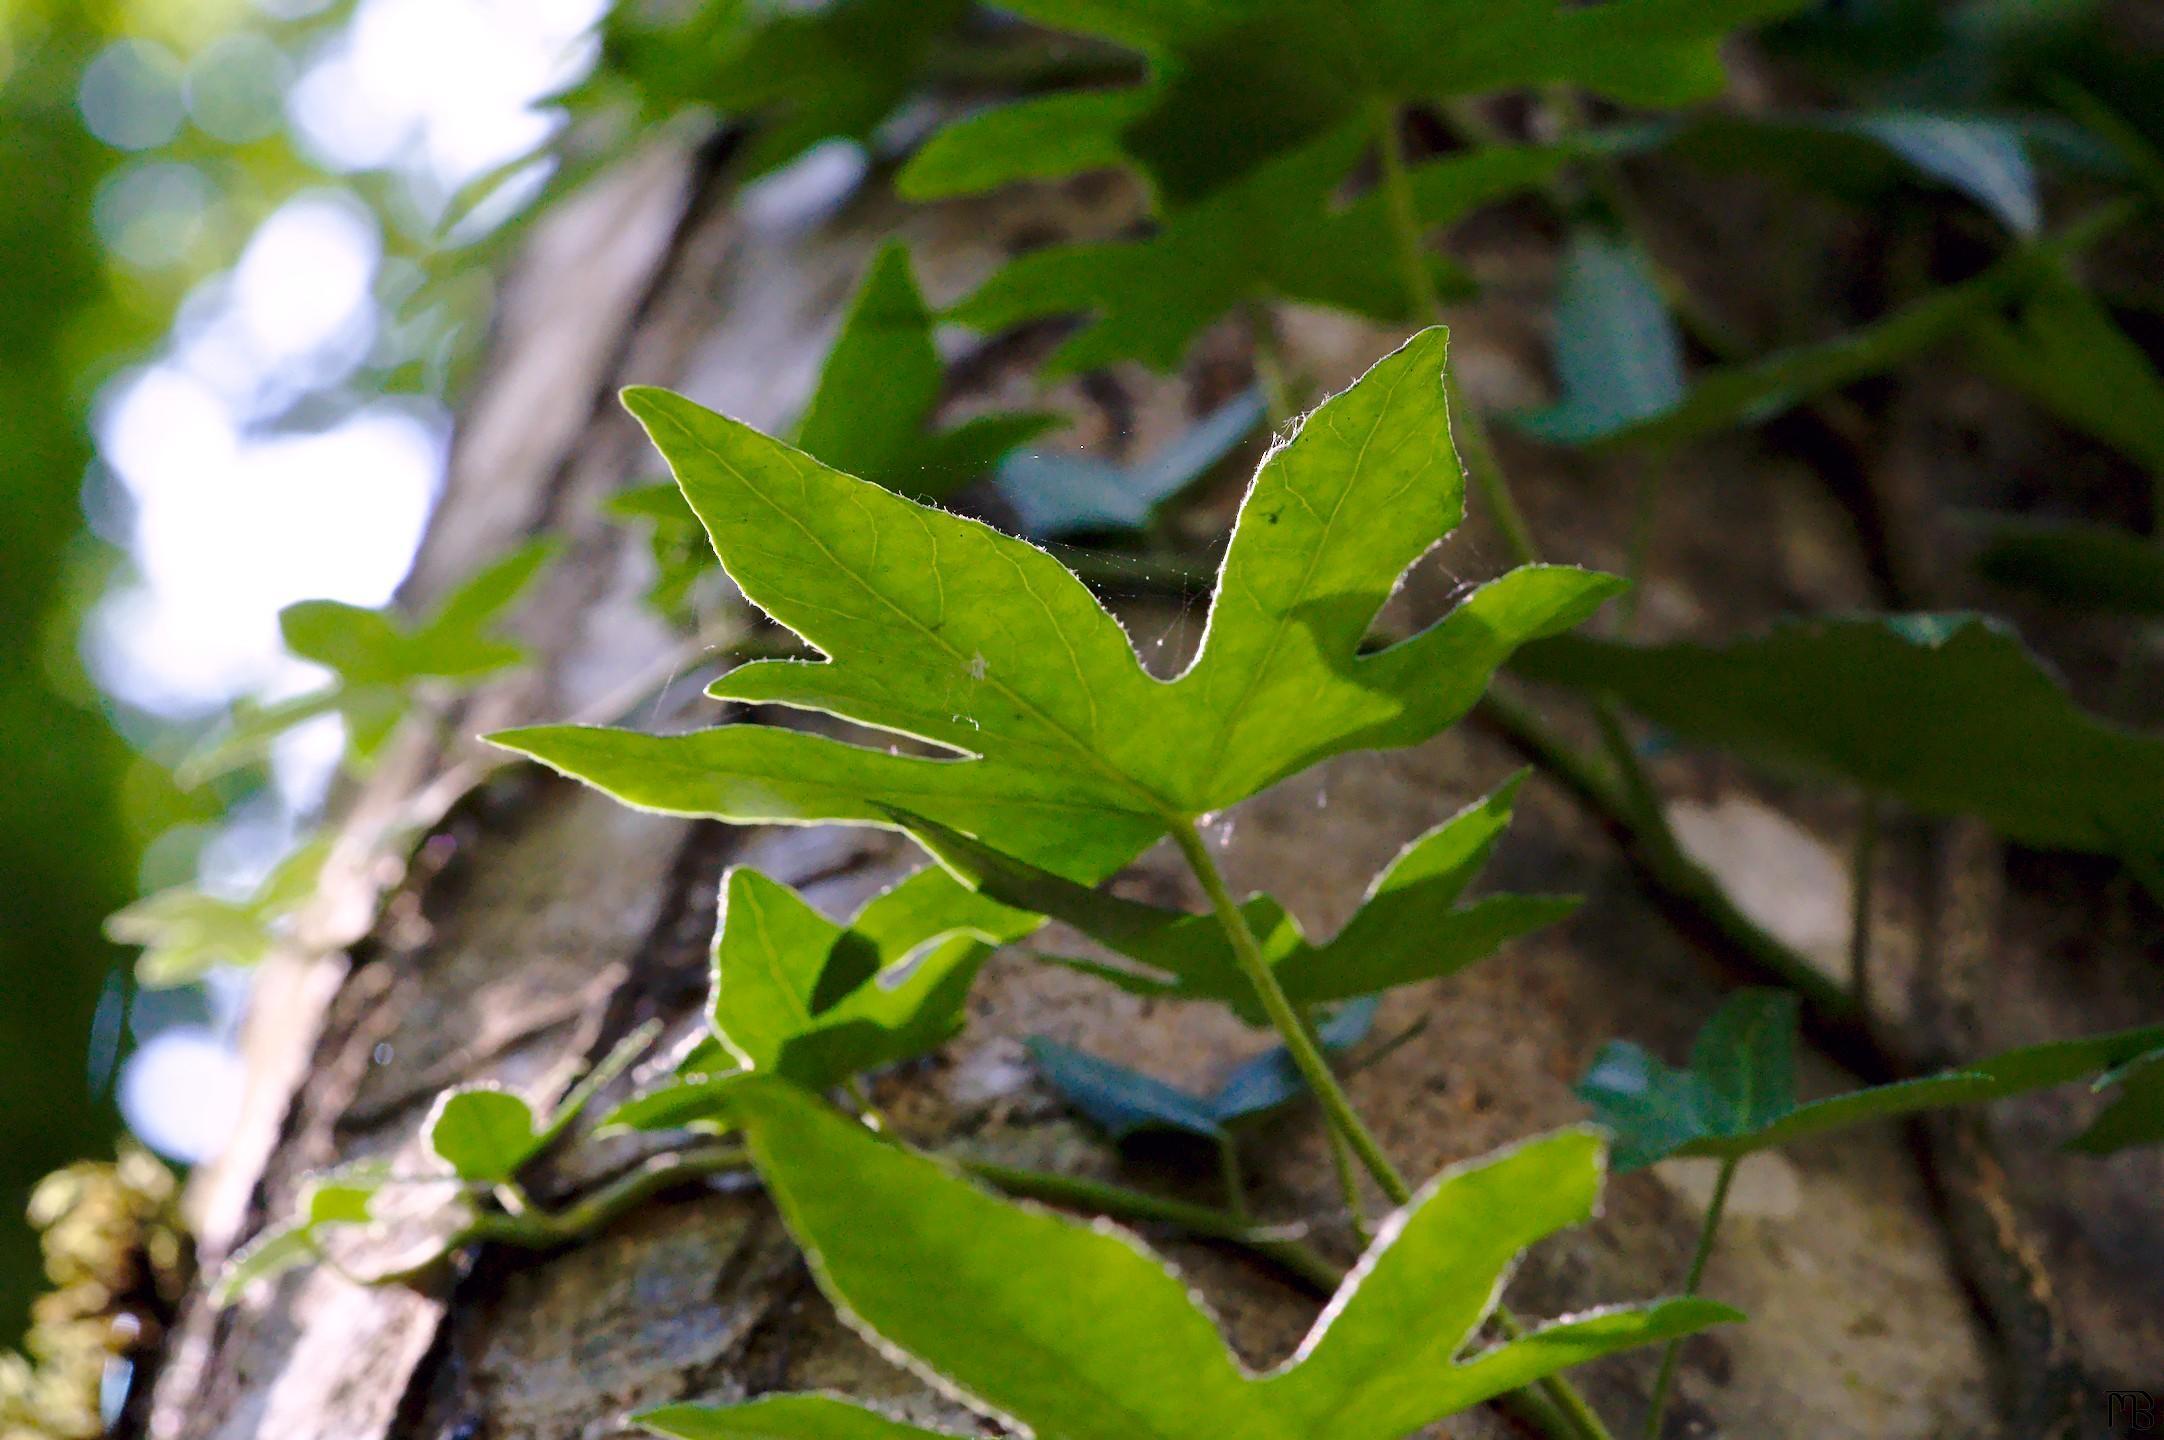 Leaves in sun on tree